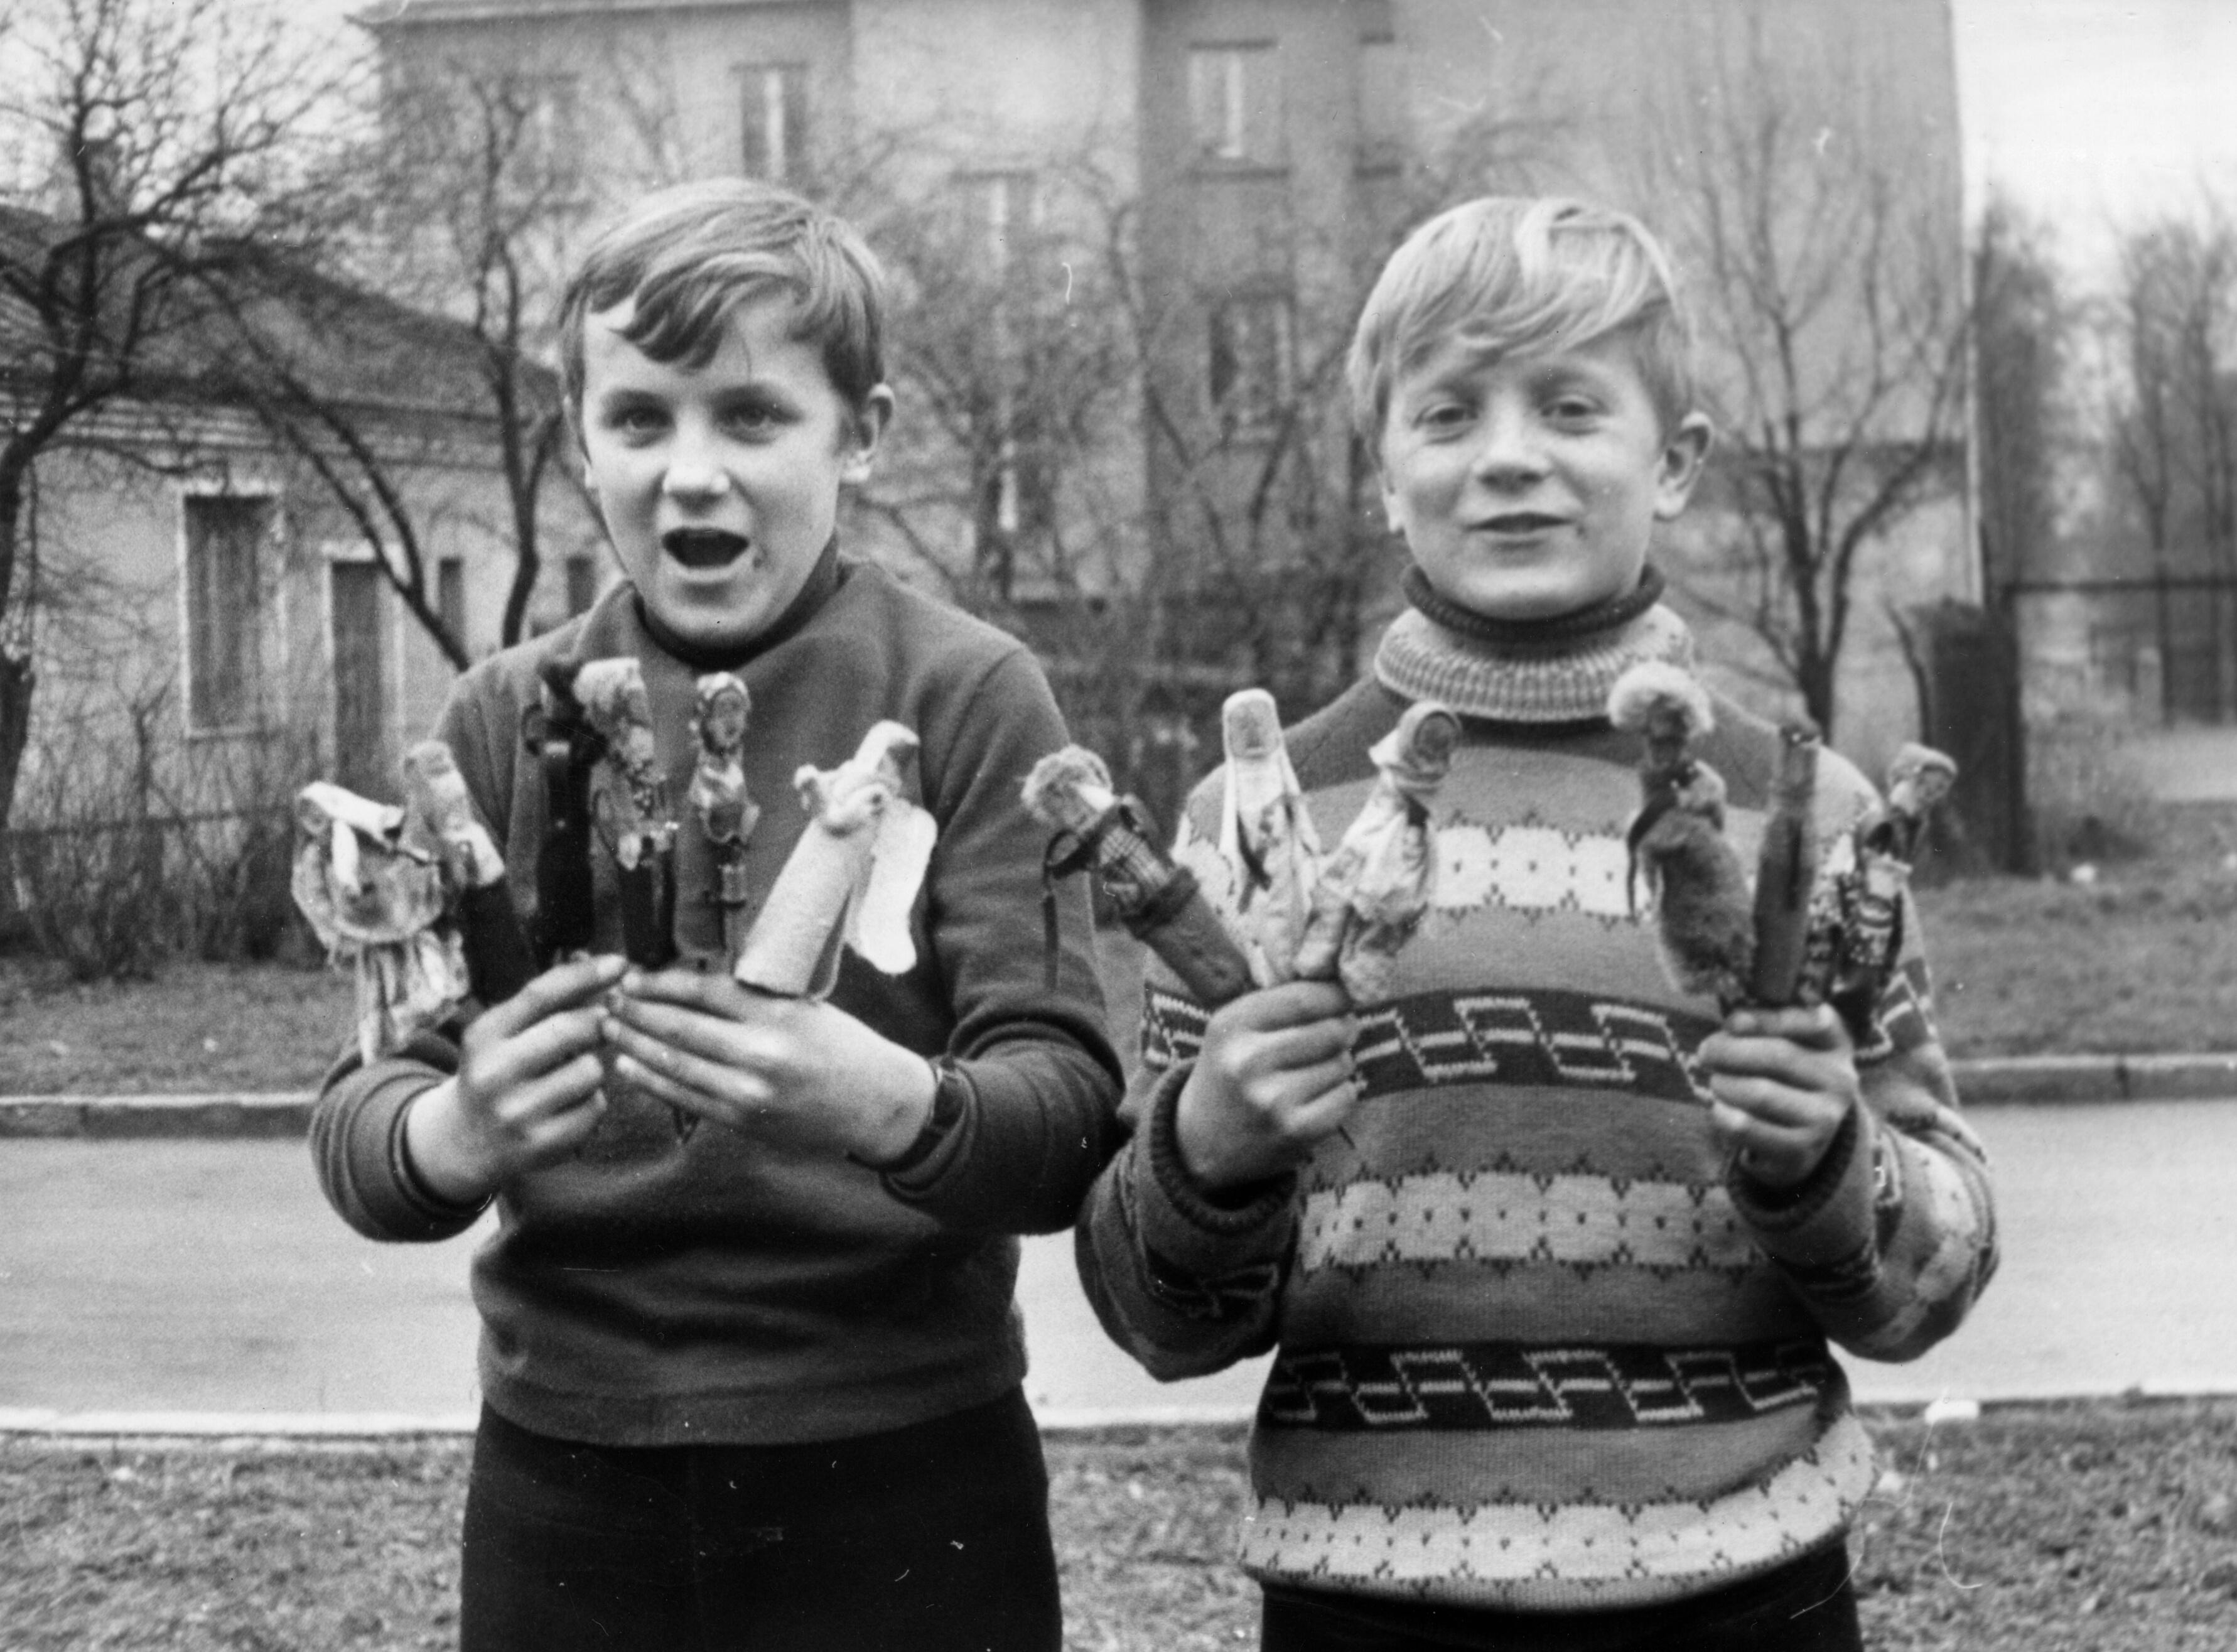 Zdjęcie czarno-białe przedstawiające dwóch chłopców trzymających małe, ręcznie wykonane laleczki kolendnicze. W tle widać ulicę, domy wielorodzinne, drzewa bez liści.